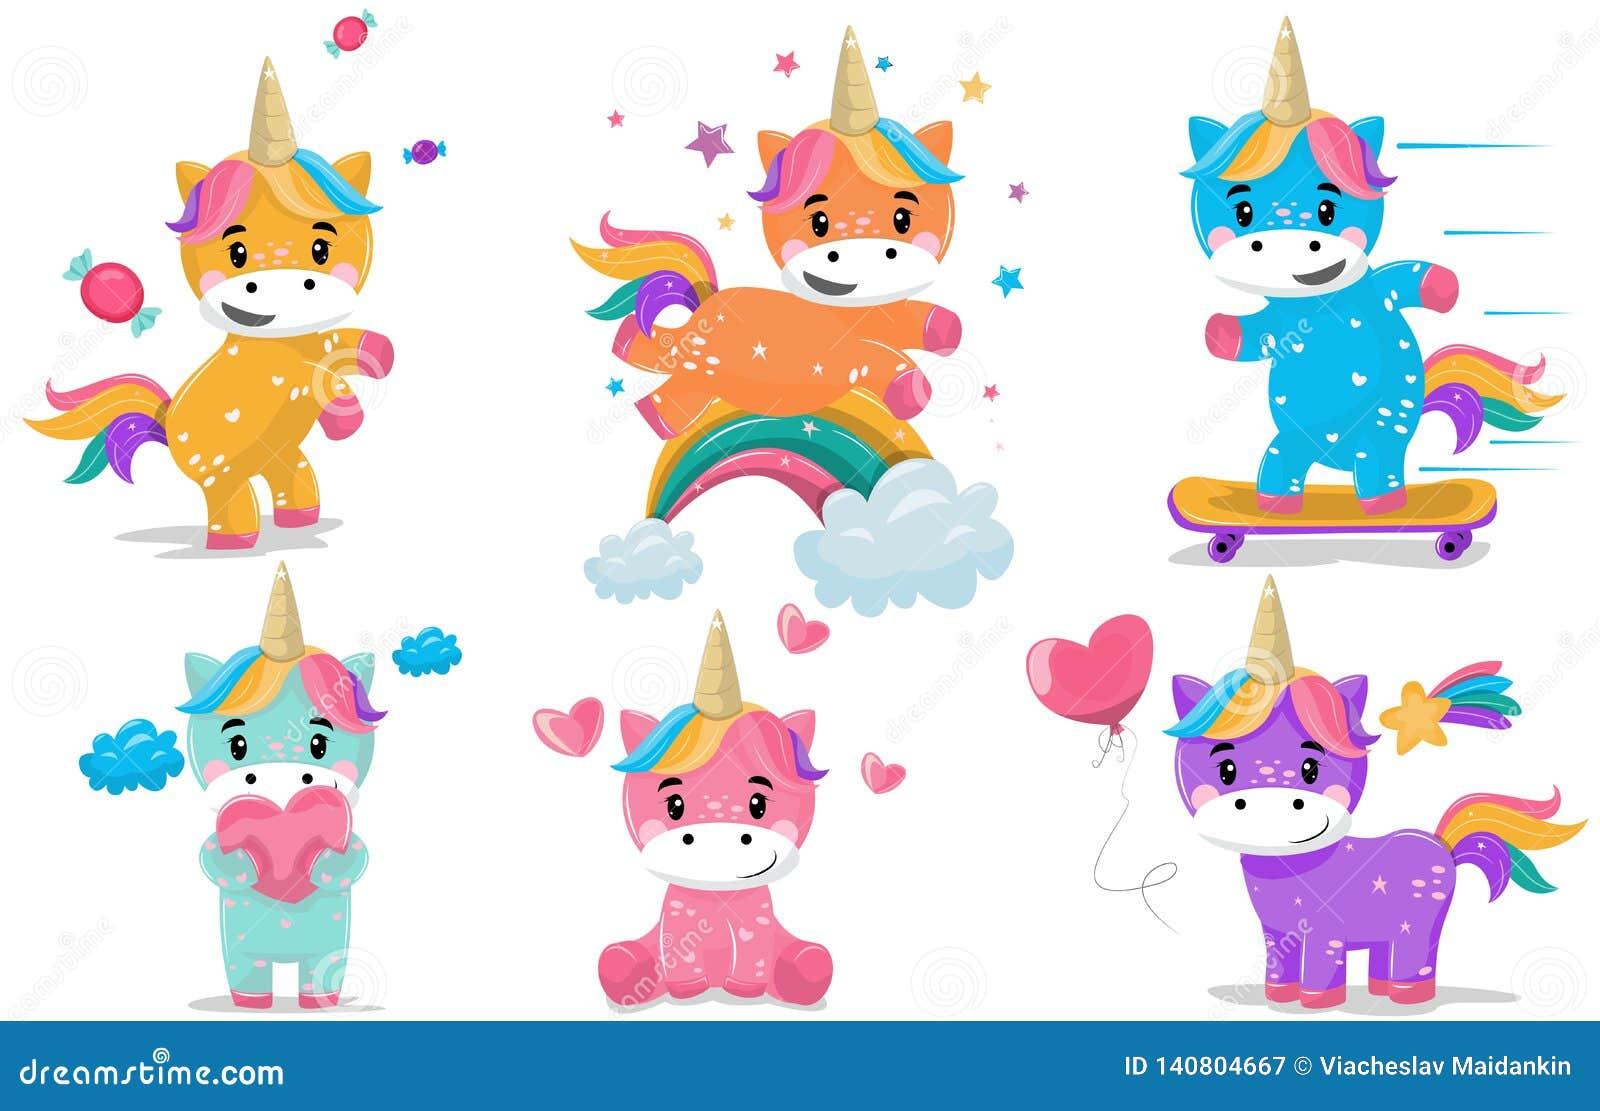 Pequeño sistema de hadas mágico del ejemplo del vector de la historieta de los unicornios de la fantasía del potro